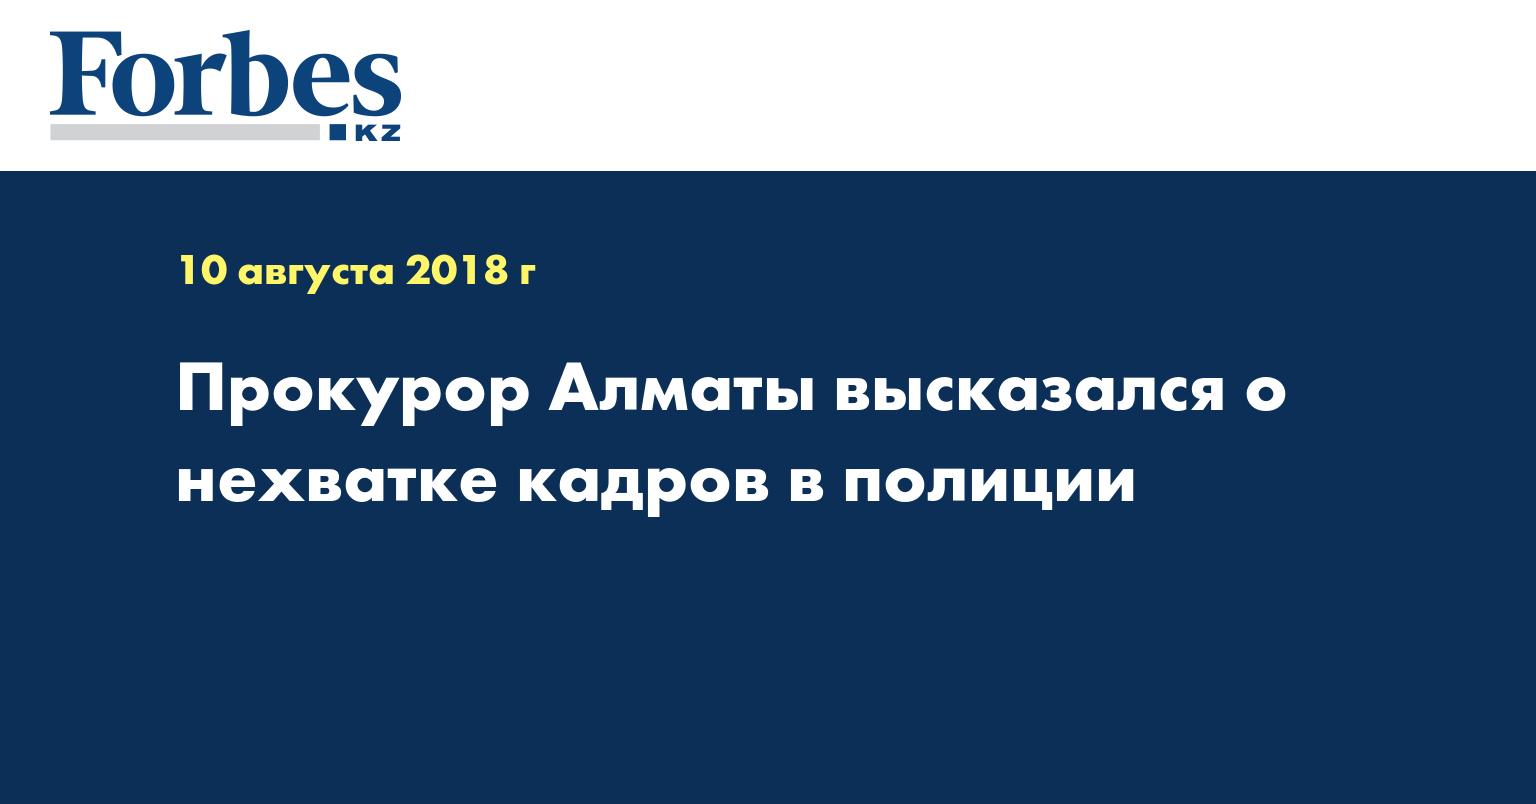 Прокурор Алматы высказался о нехватке кадров в полиции